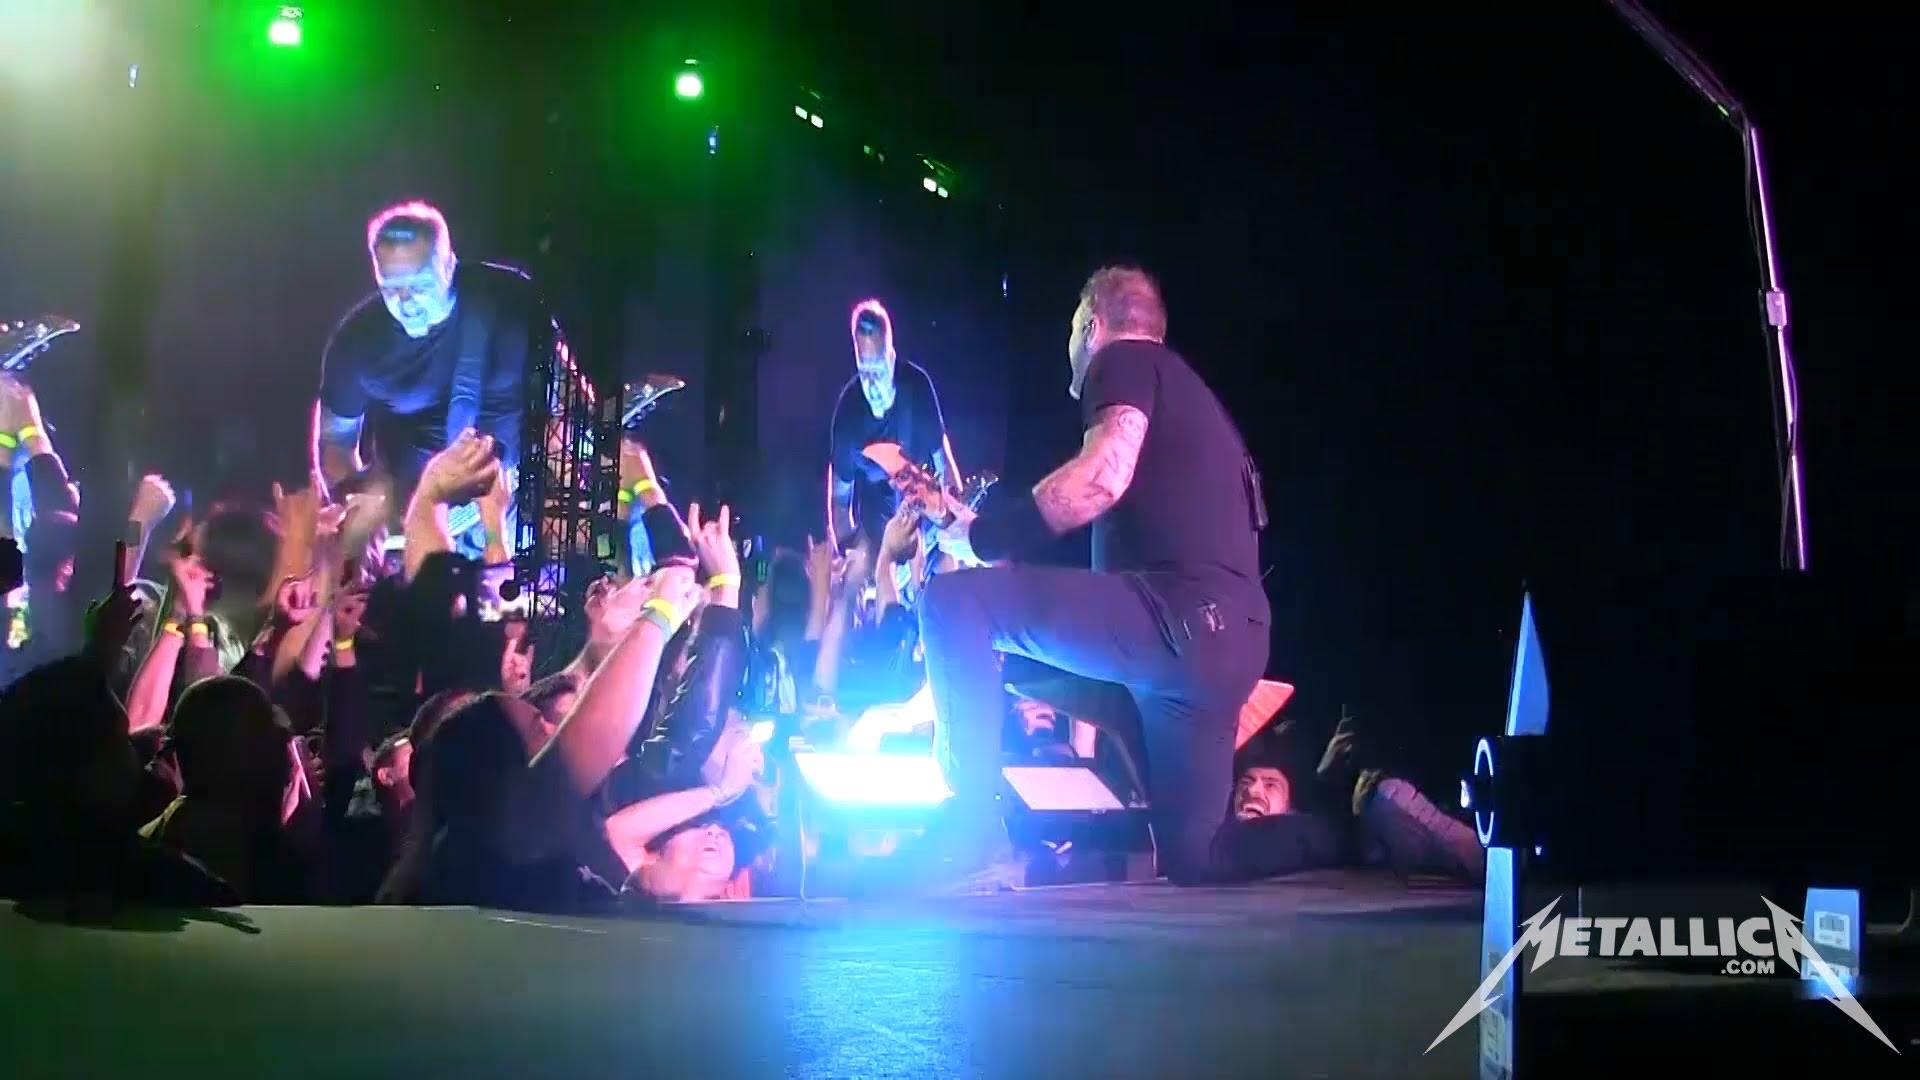 Metallica, test de son et photos!